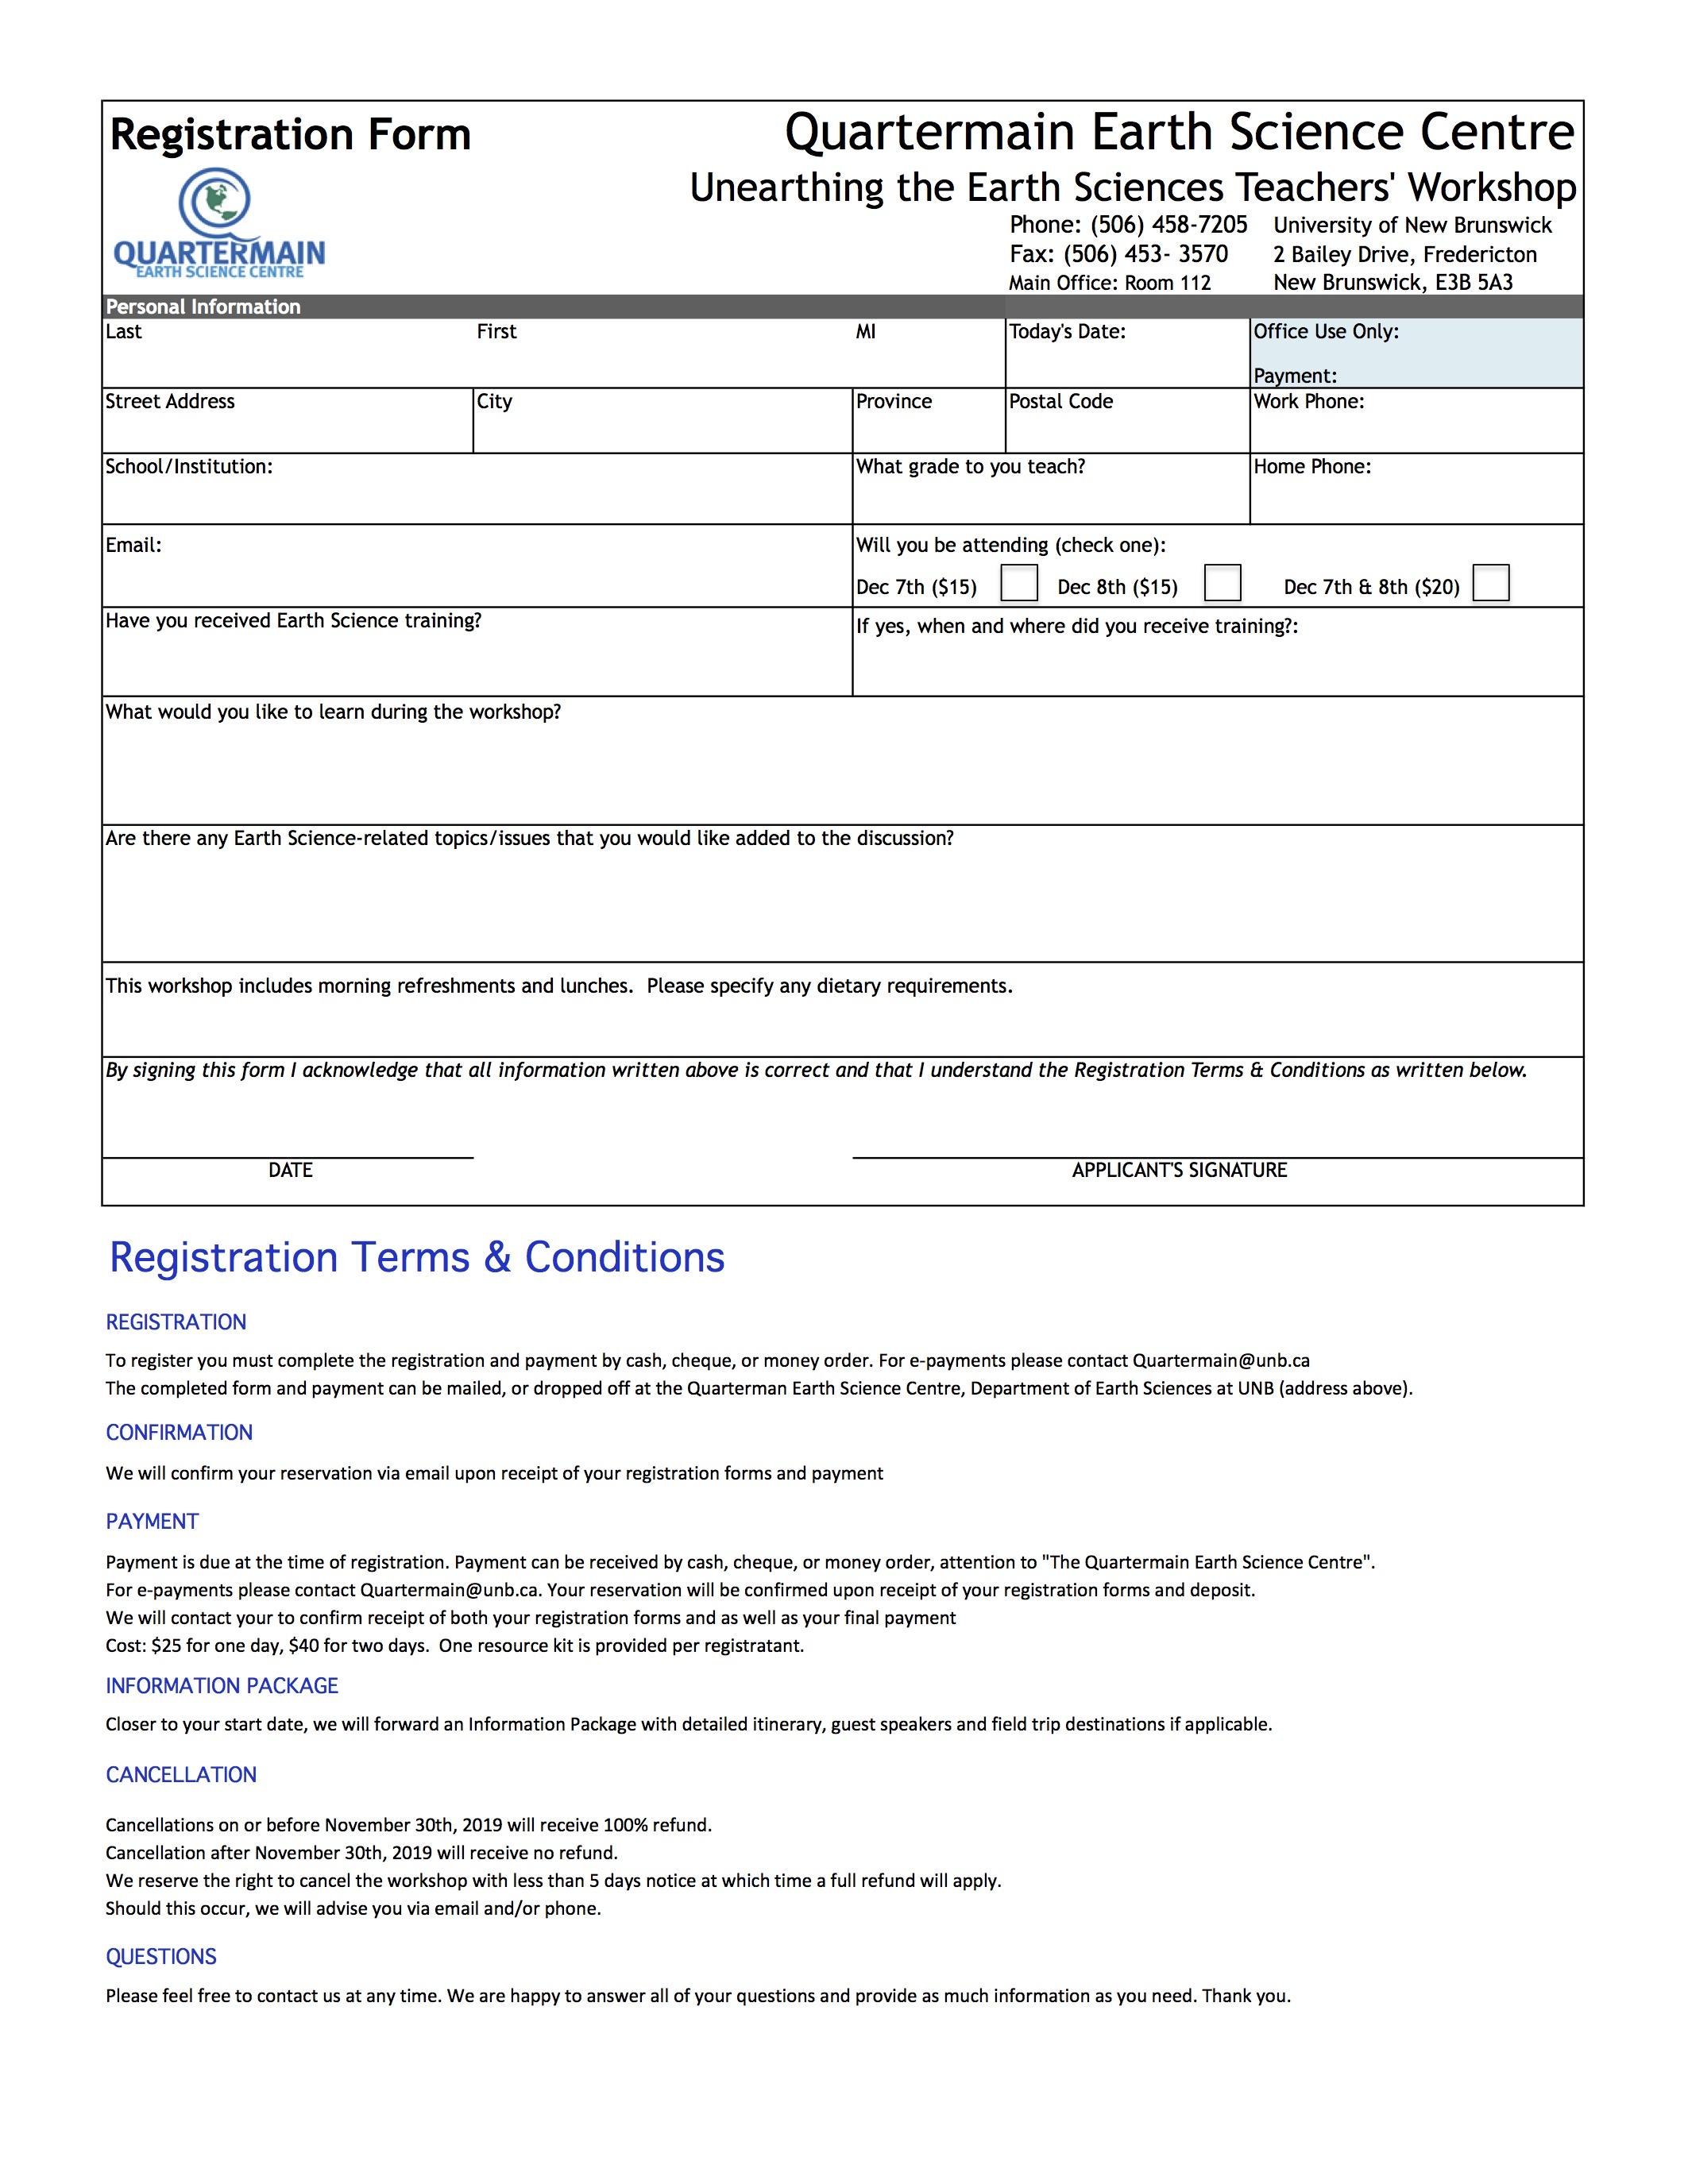 Teachers Workshop 2019 Registration Form.jpg